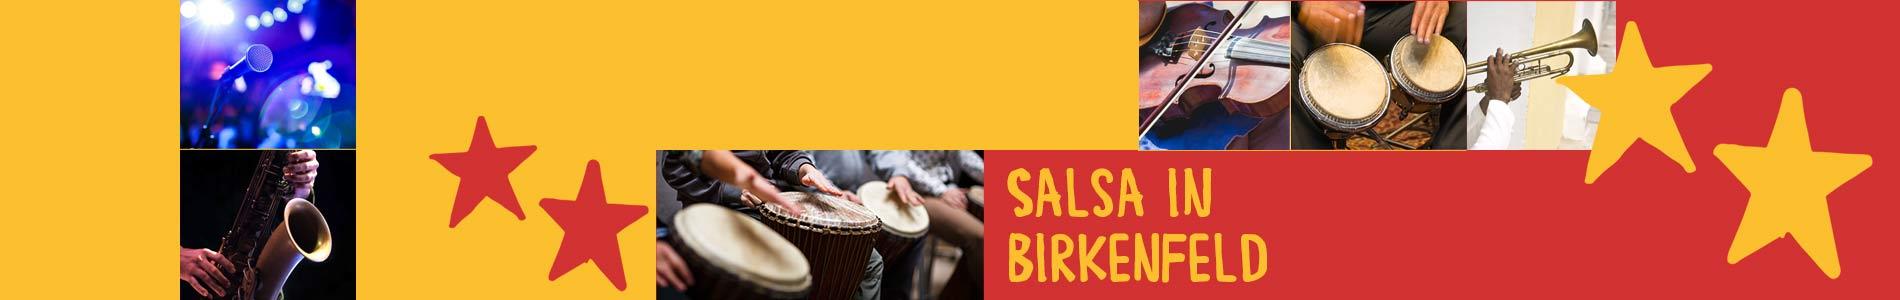 Salsa in Birkenfeld – Salsa lernen und tanzen, Tanzkurse, Partys, Veranstaltungen